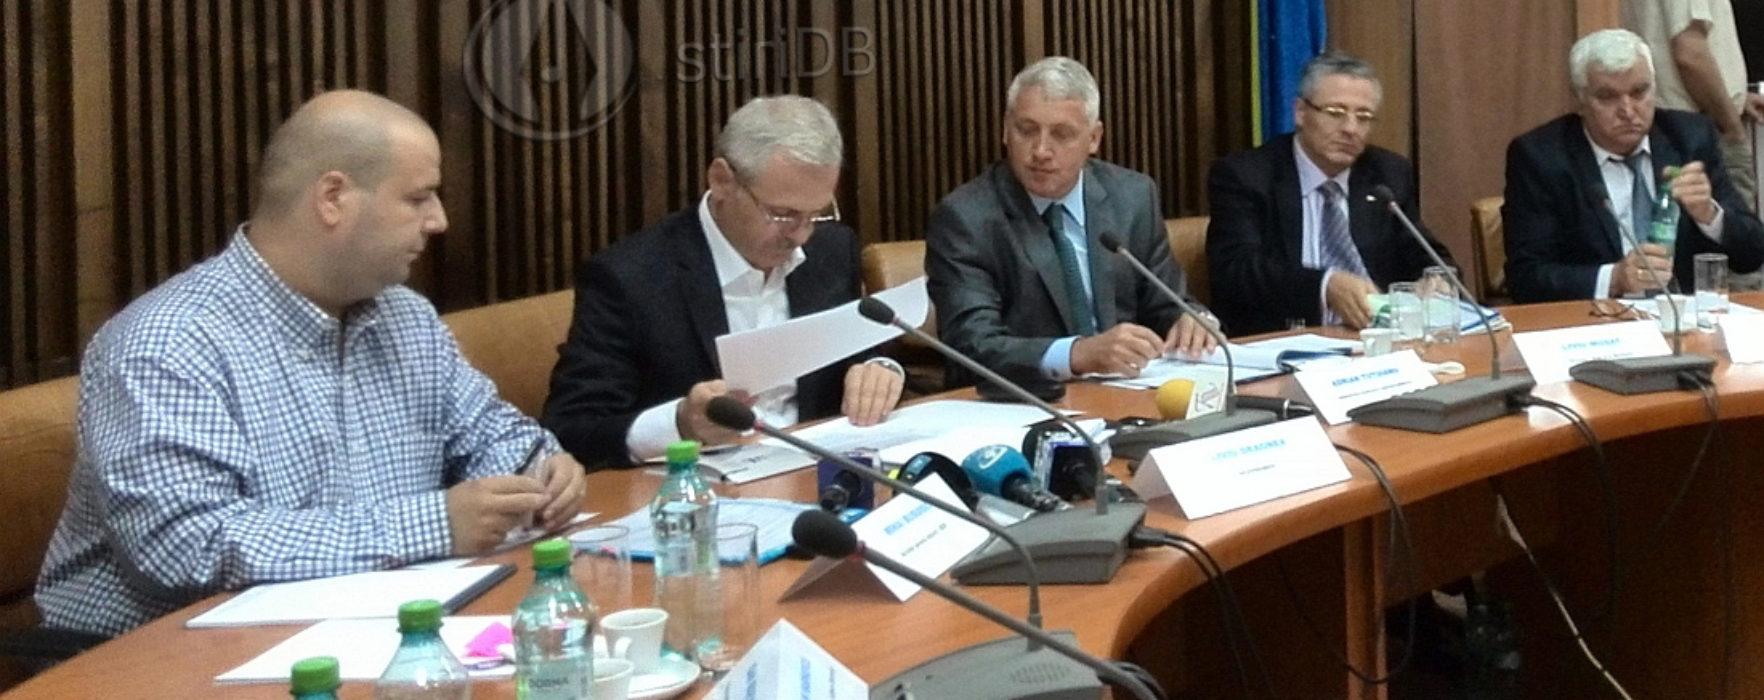 Liviu Dragnea: Guvernul susţine judeţul Dâmboviţa